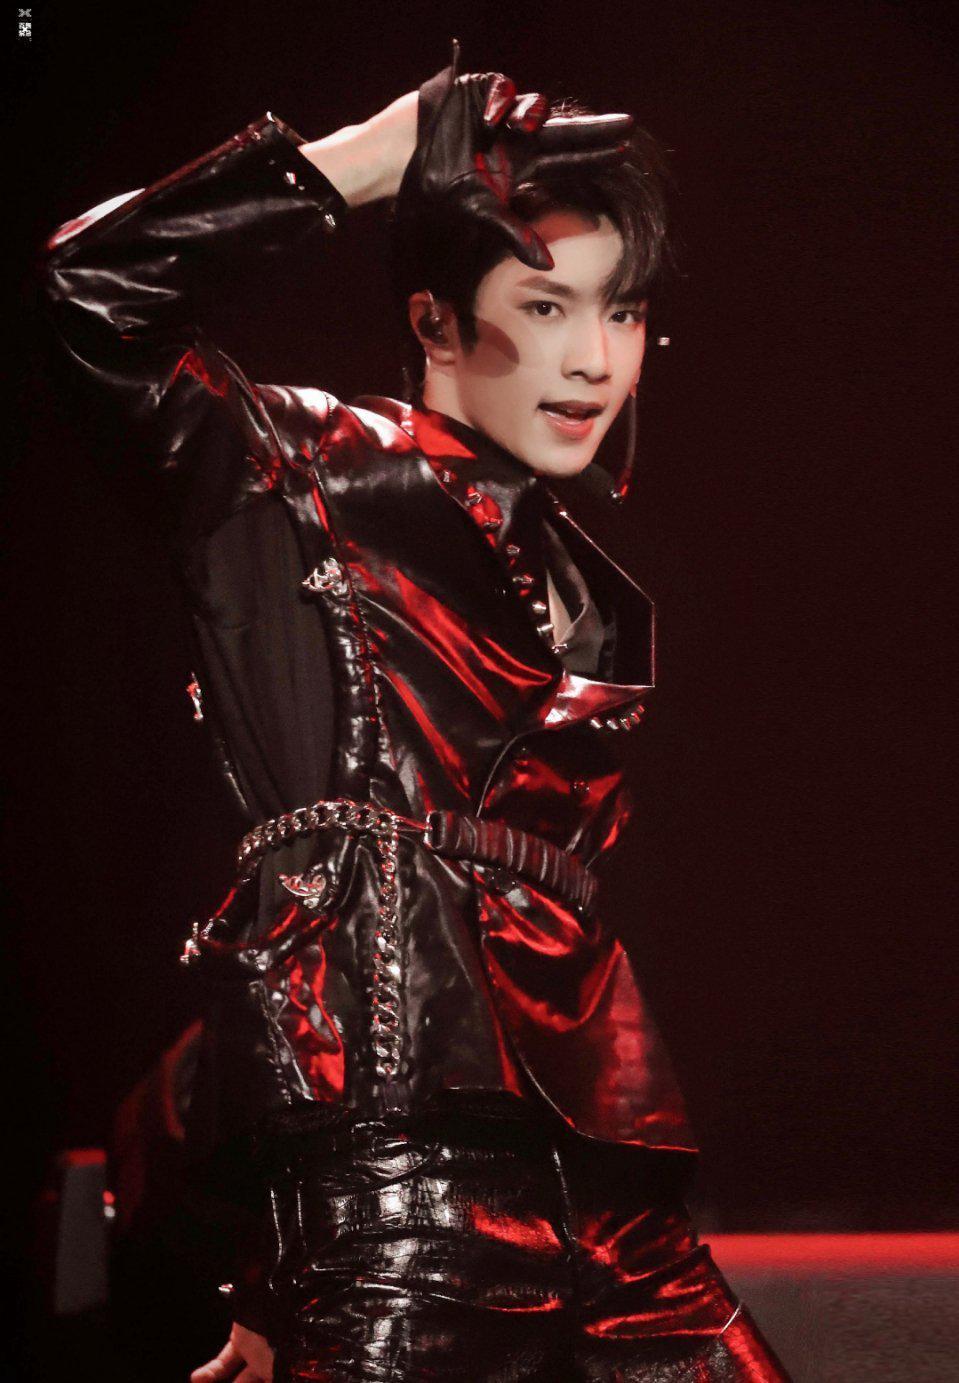 刘耀文舞台表演力太强了,很炫也很酷,是我喜欢的类型哦!